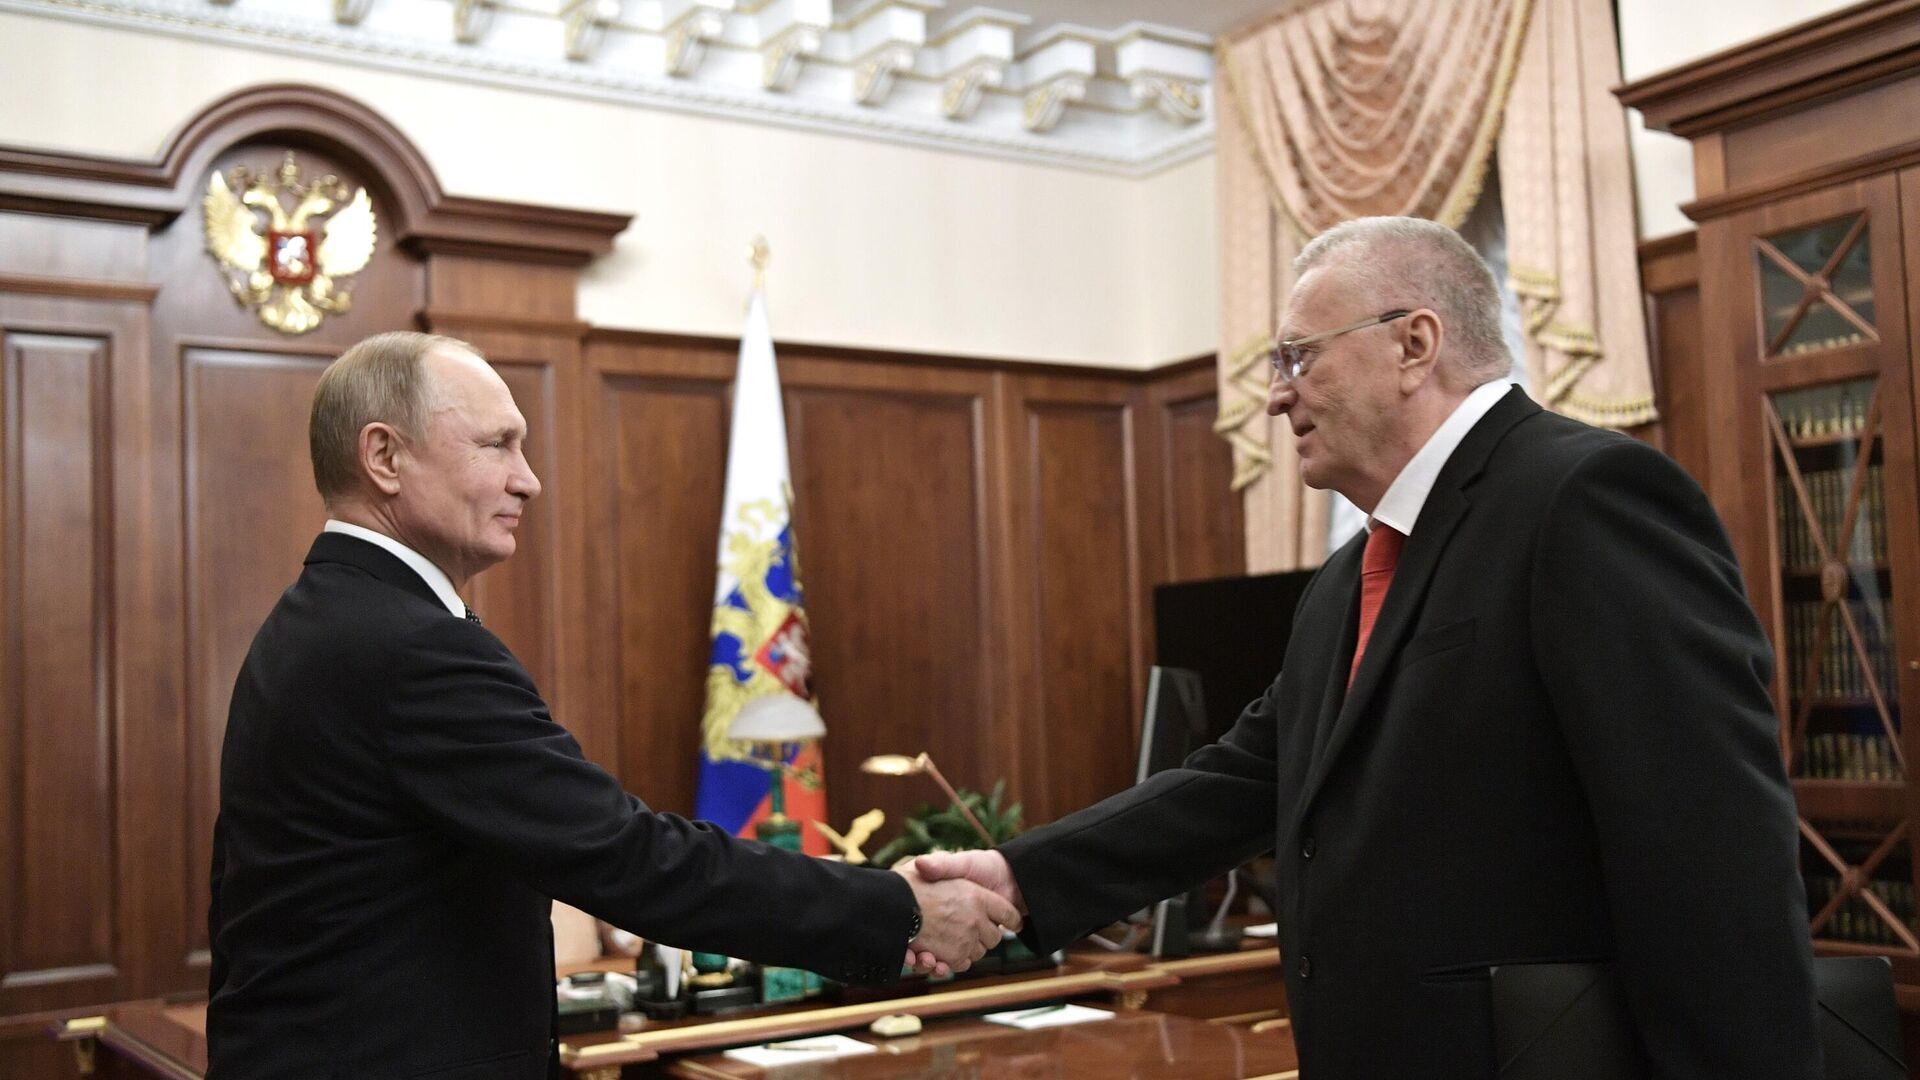 Rusiya prezidenti Vladimir Putin və LDPR lideri Vladimir Jirinovski - Sputnik Azərbaycan, 1920, 05.10.2021